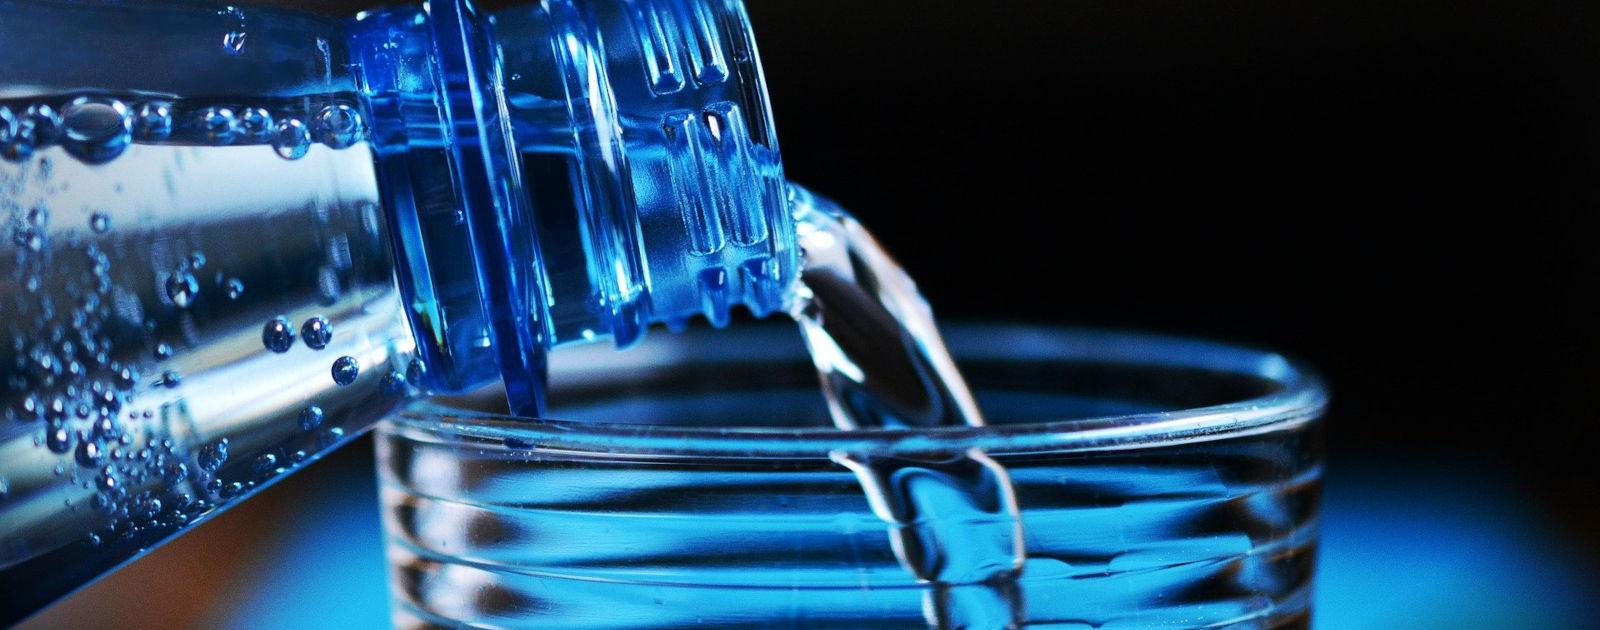 Wasser aus einer Flasche wird in ein Glas eingeschenkt